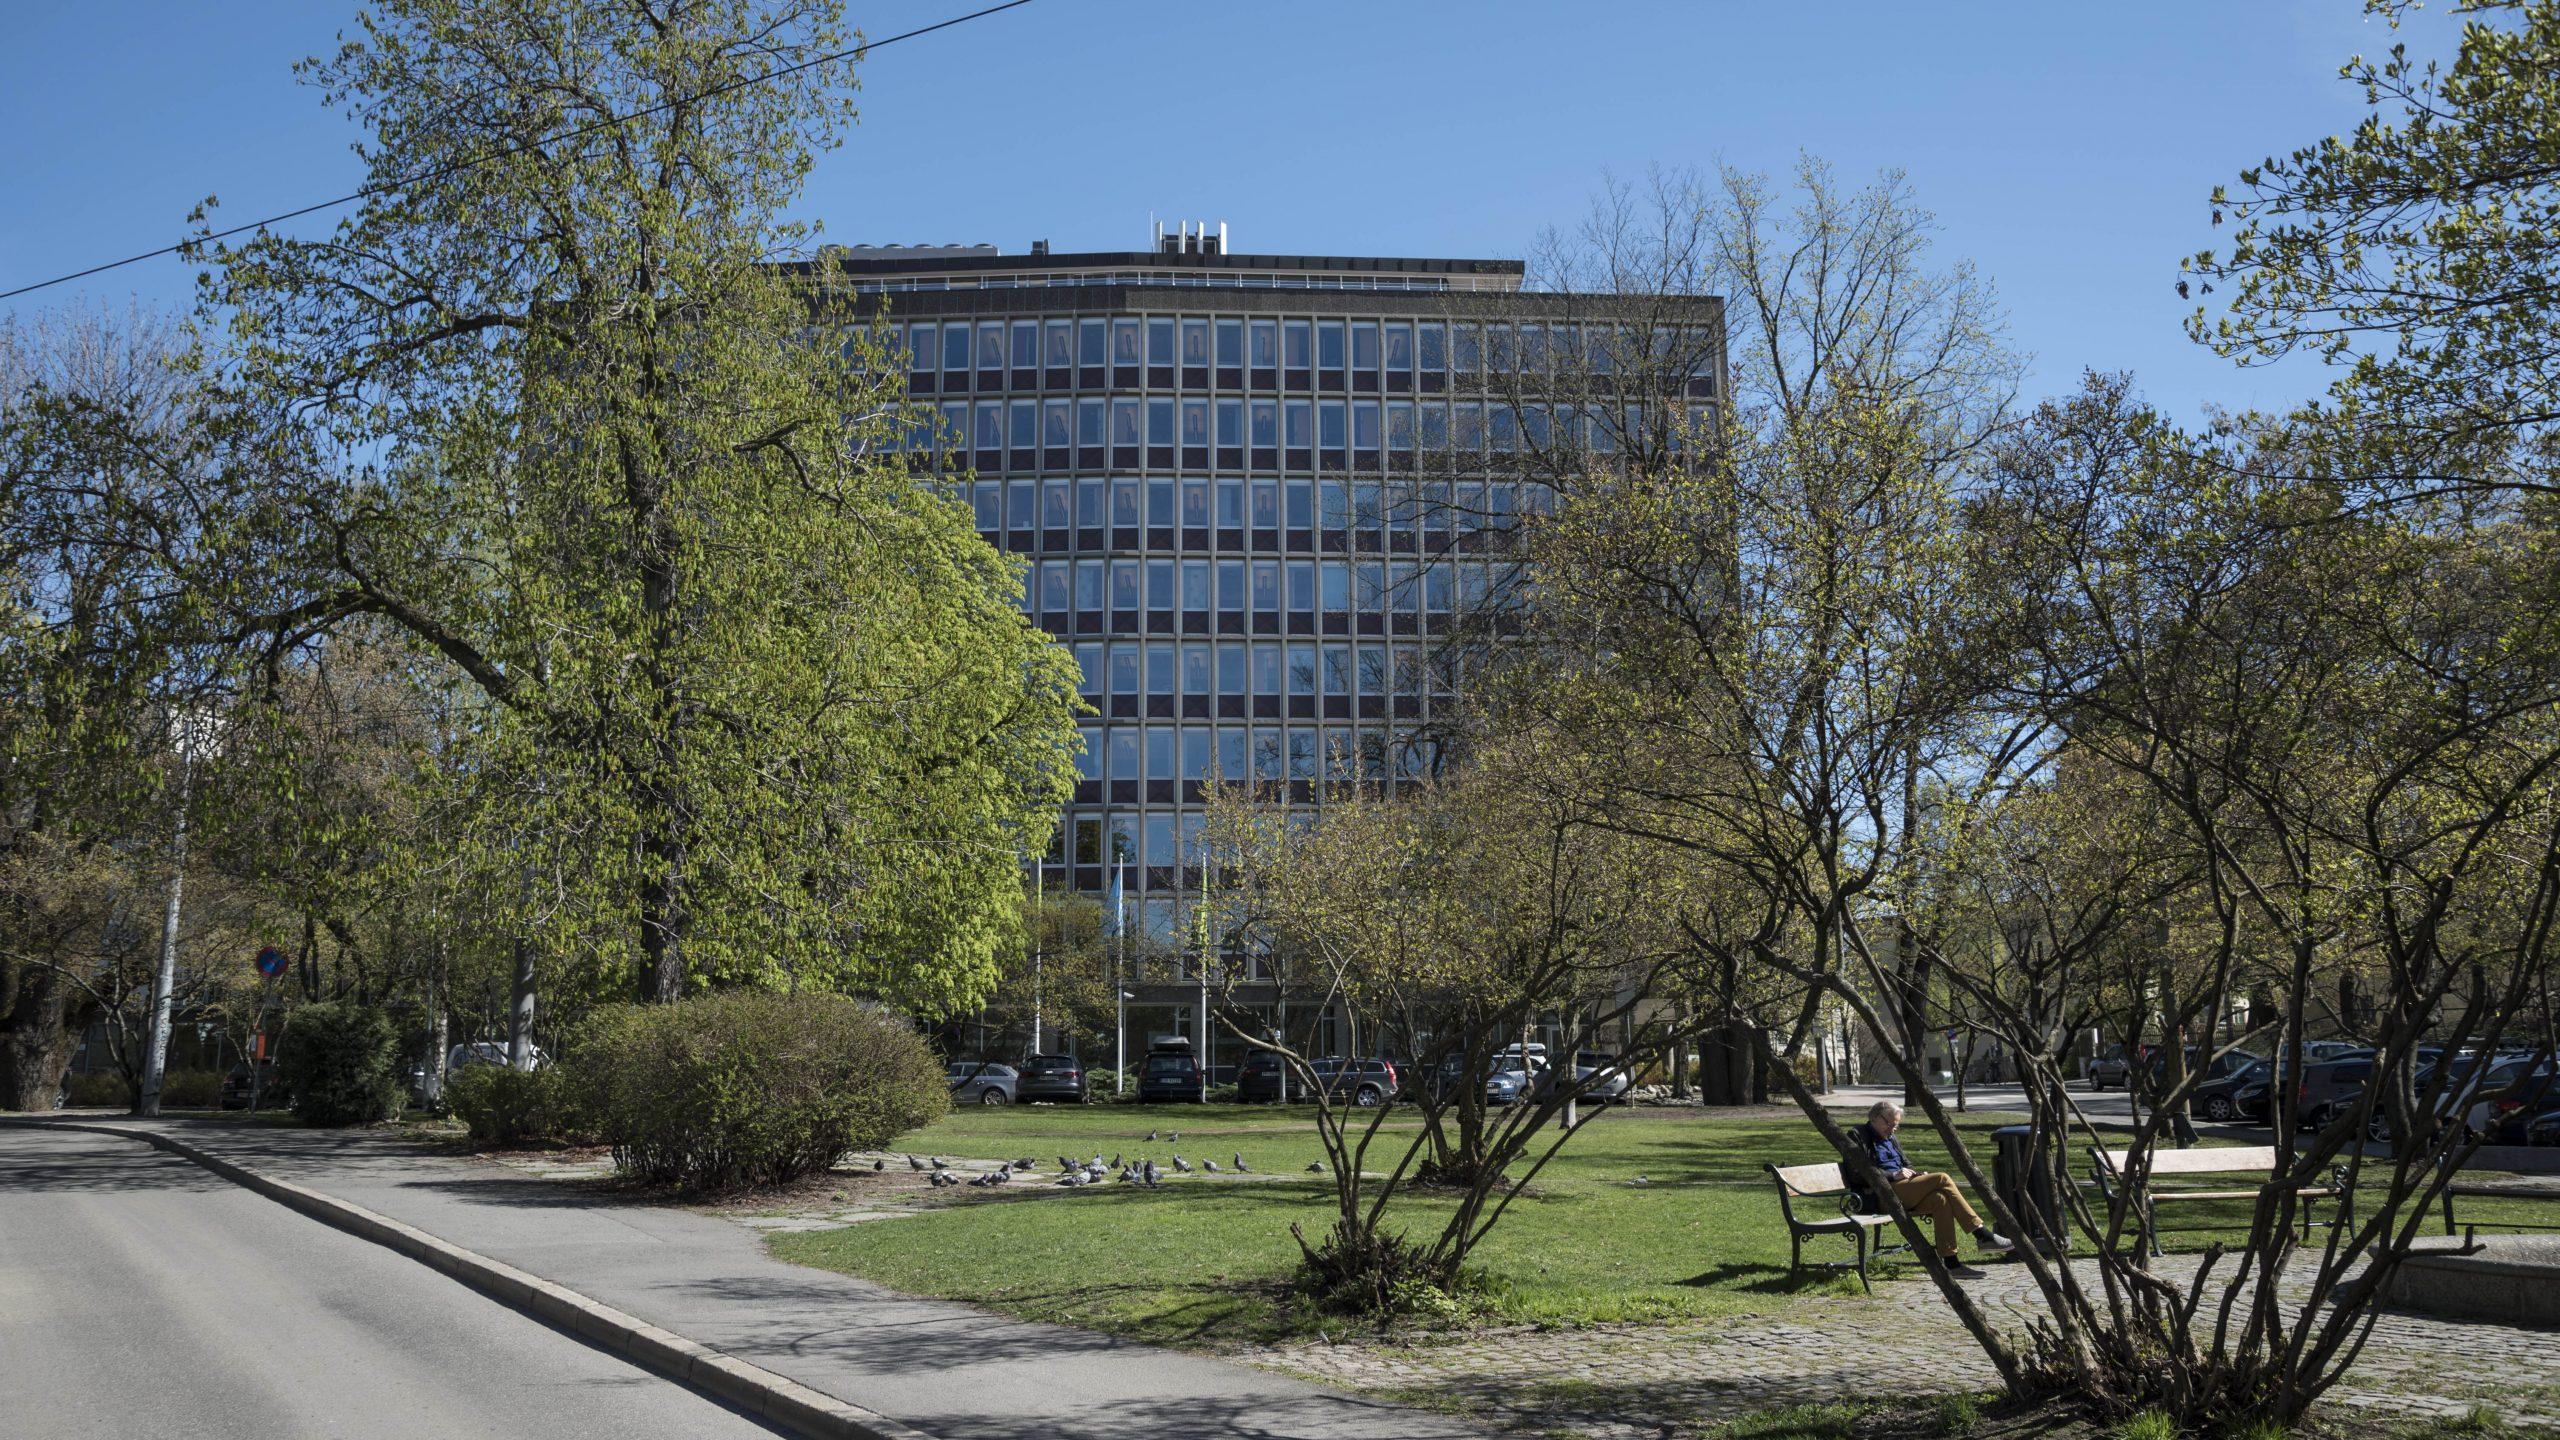 Bilde av Rikstrygdeverket. Foto: Lene Buskoven, Riksantikvaren